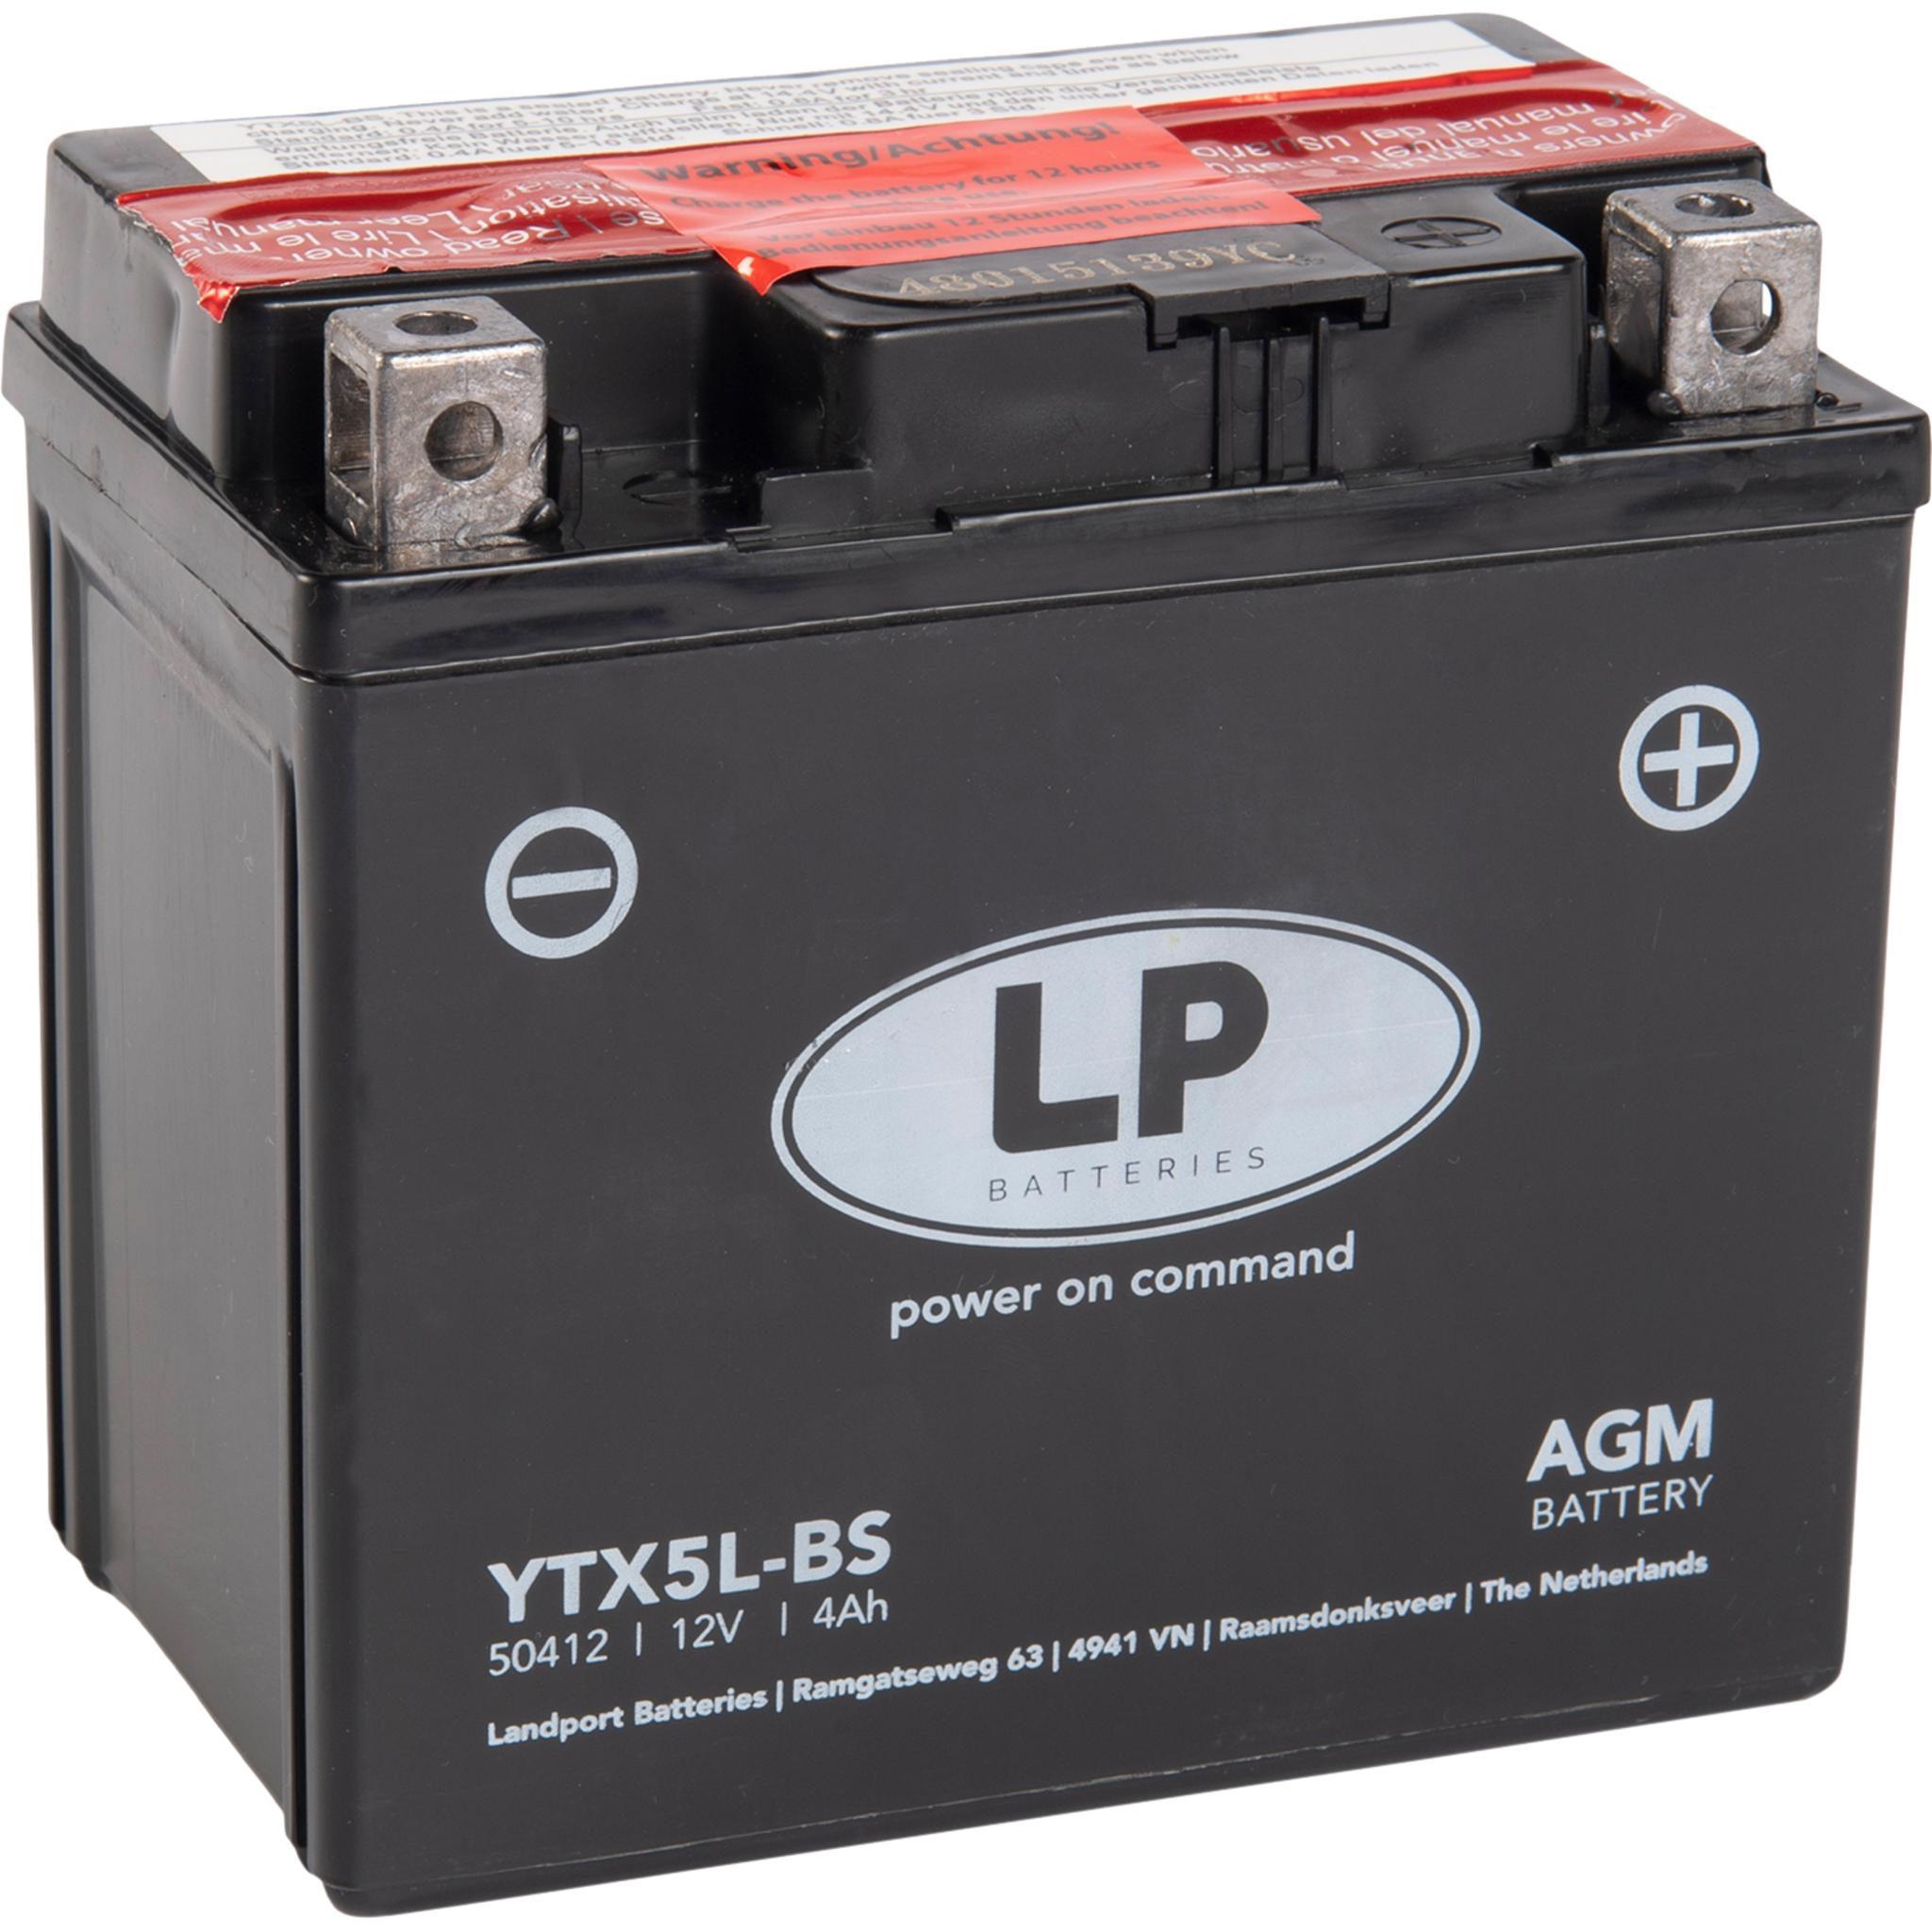 Аккумулятор Landport YTX5L-BS, 12V, AGM